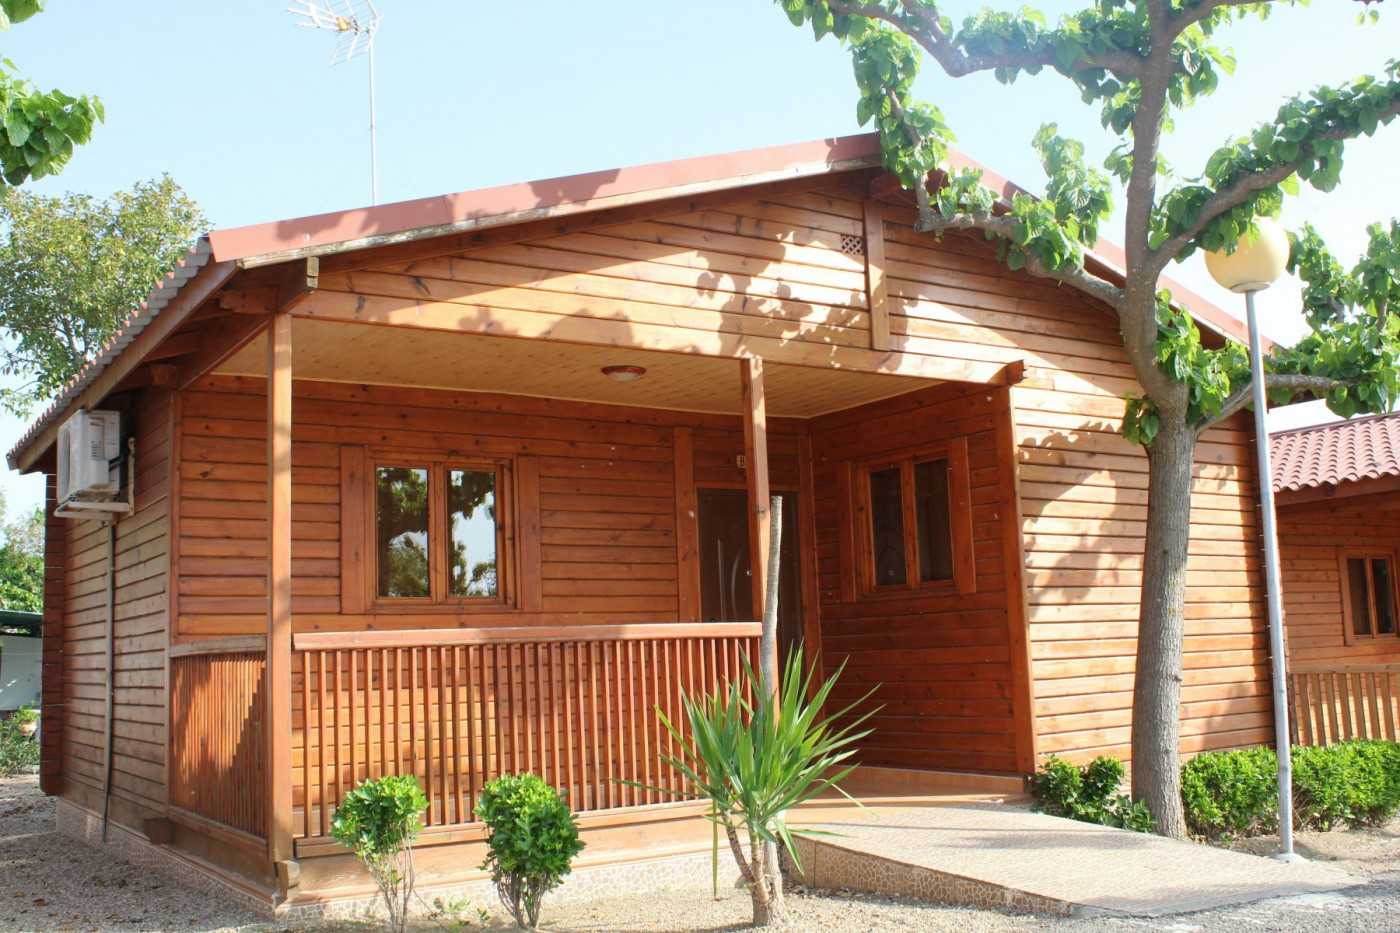 Caba a madera camping carlos iii - Casas rurales madera ...